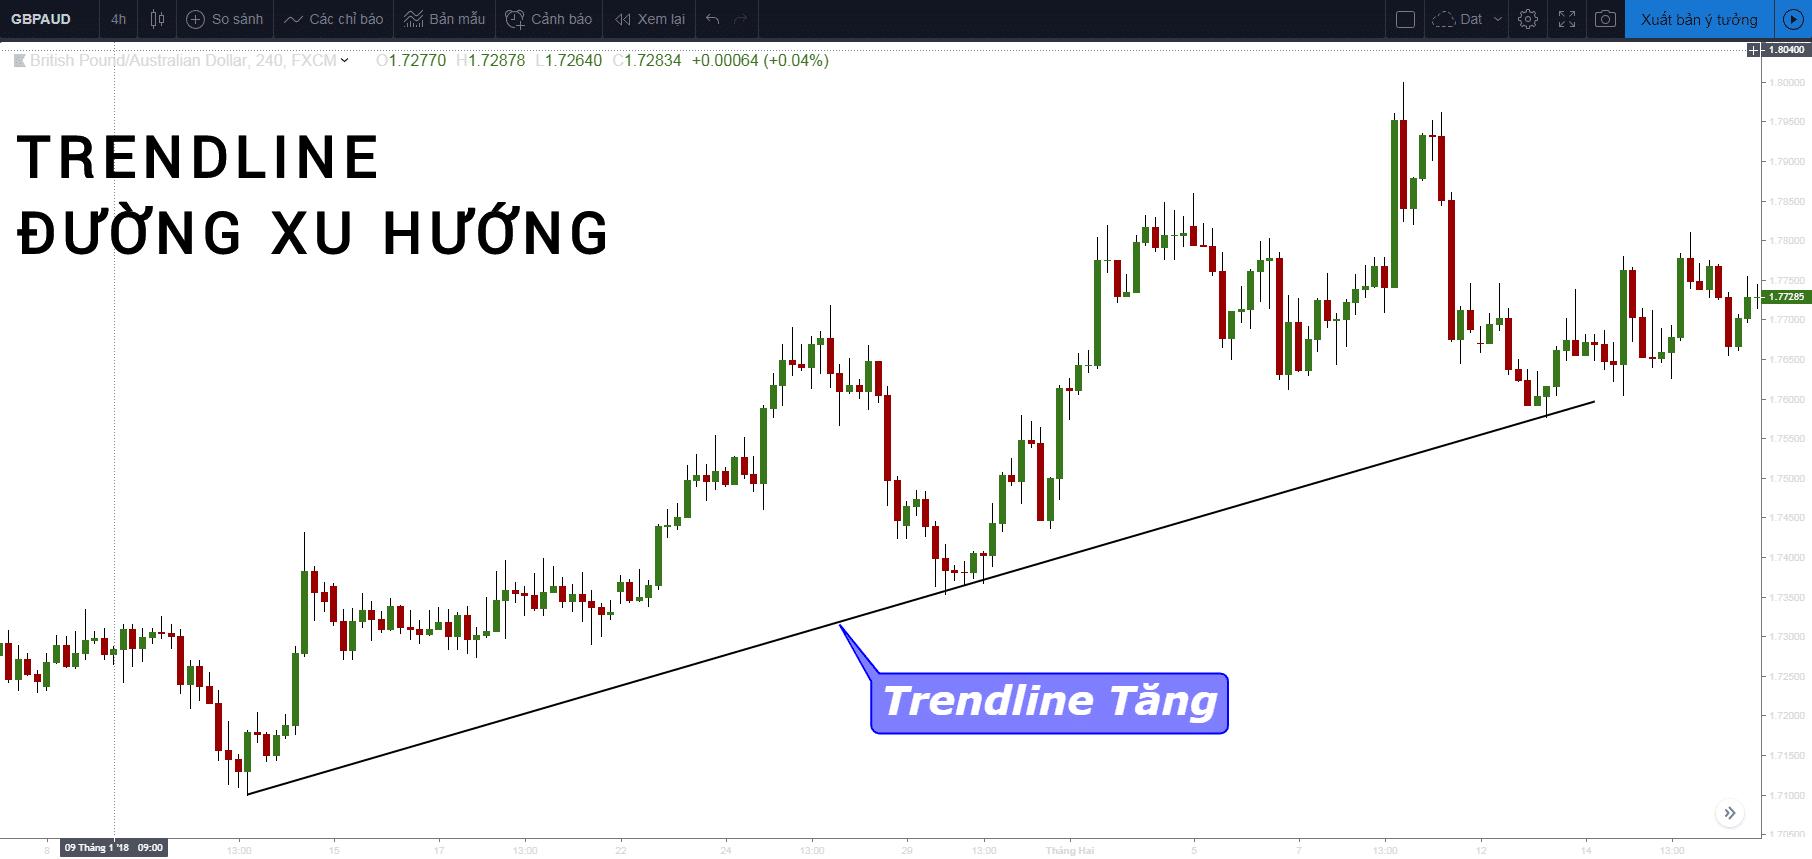 Cách vẽ trendline (đường xu hướng) trong forex đúng và chính xác nhất